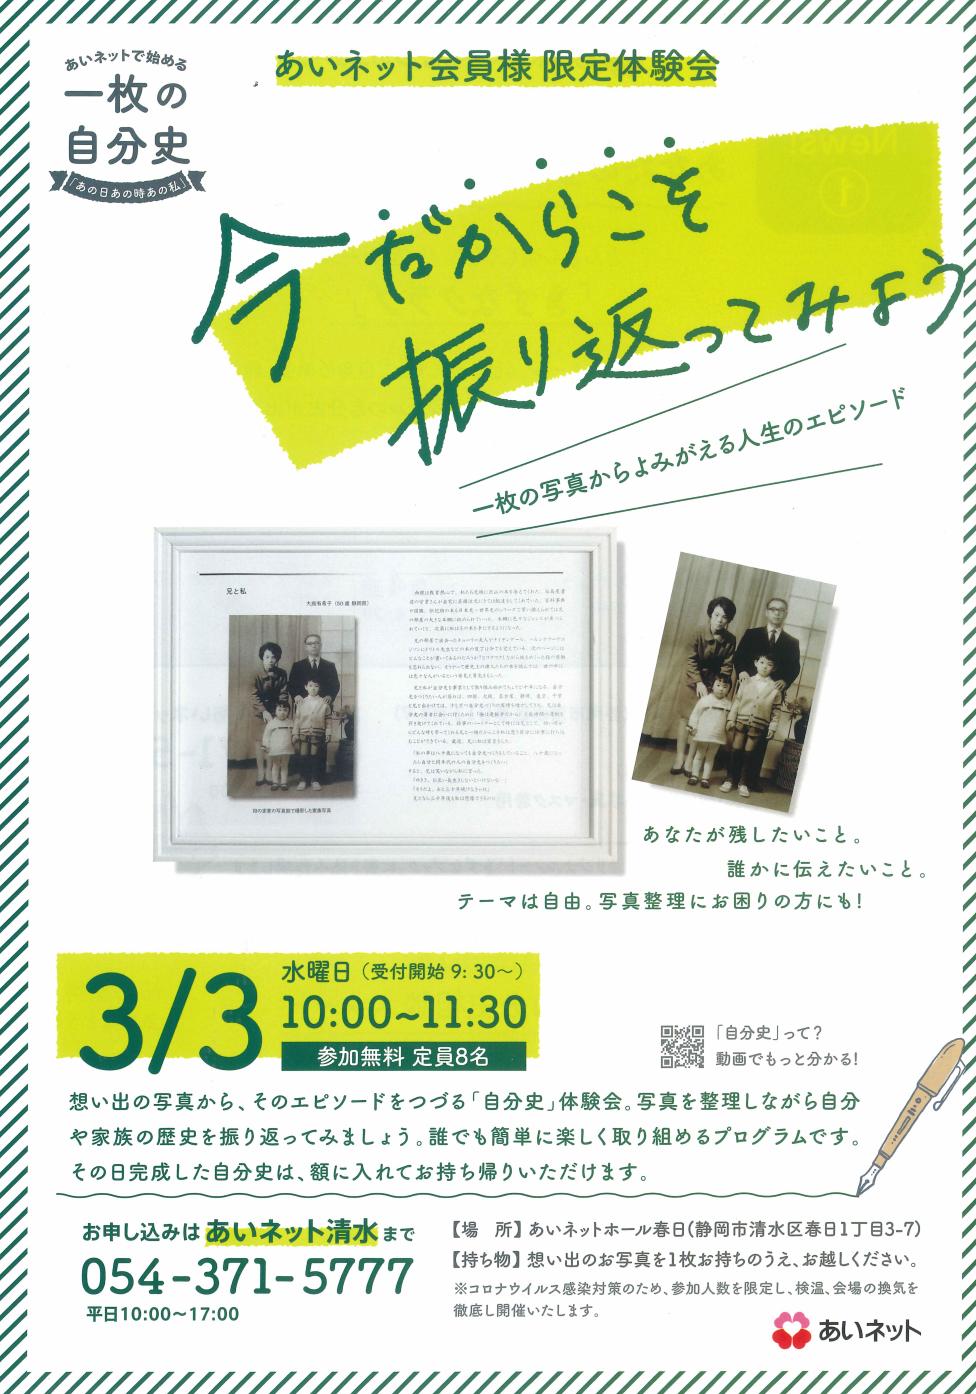 【あいネットサークル】自分史づくりスクール清水地区開校記念イベント